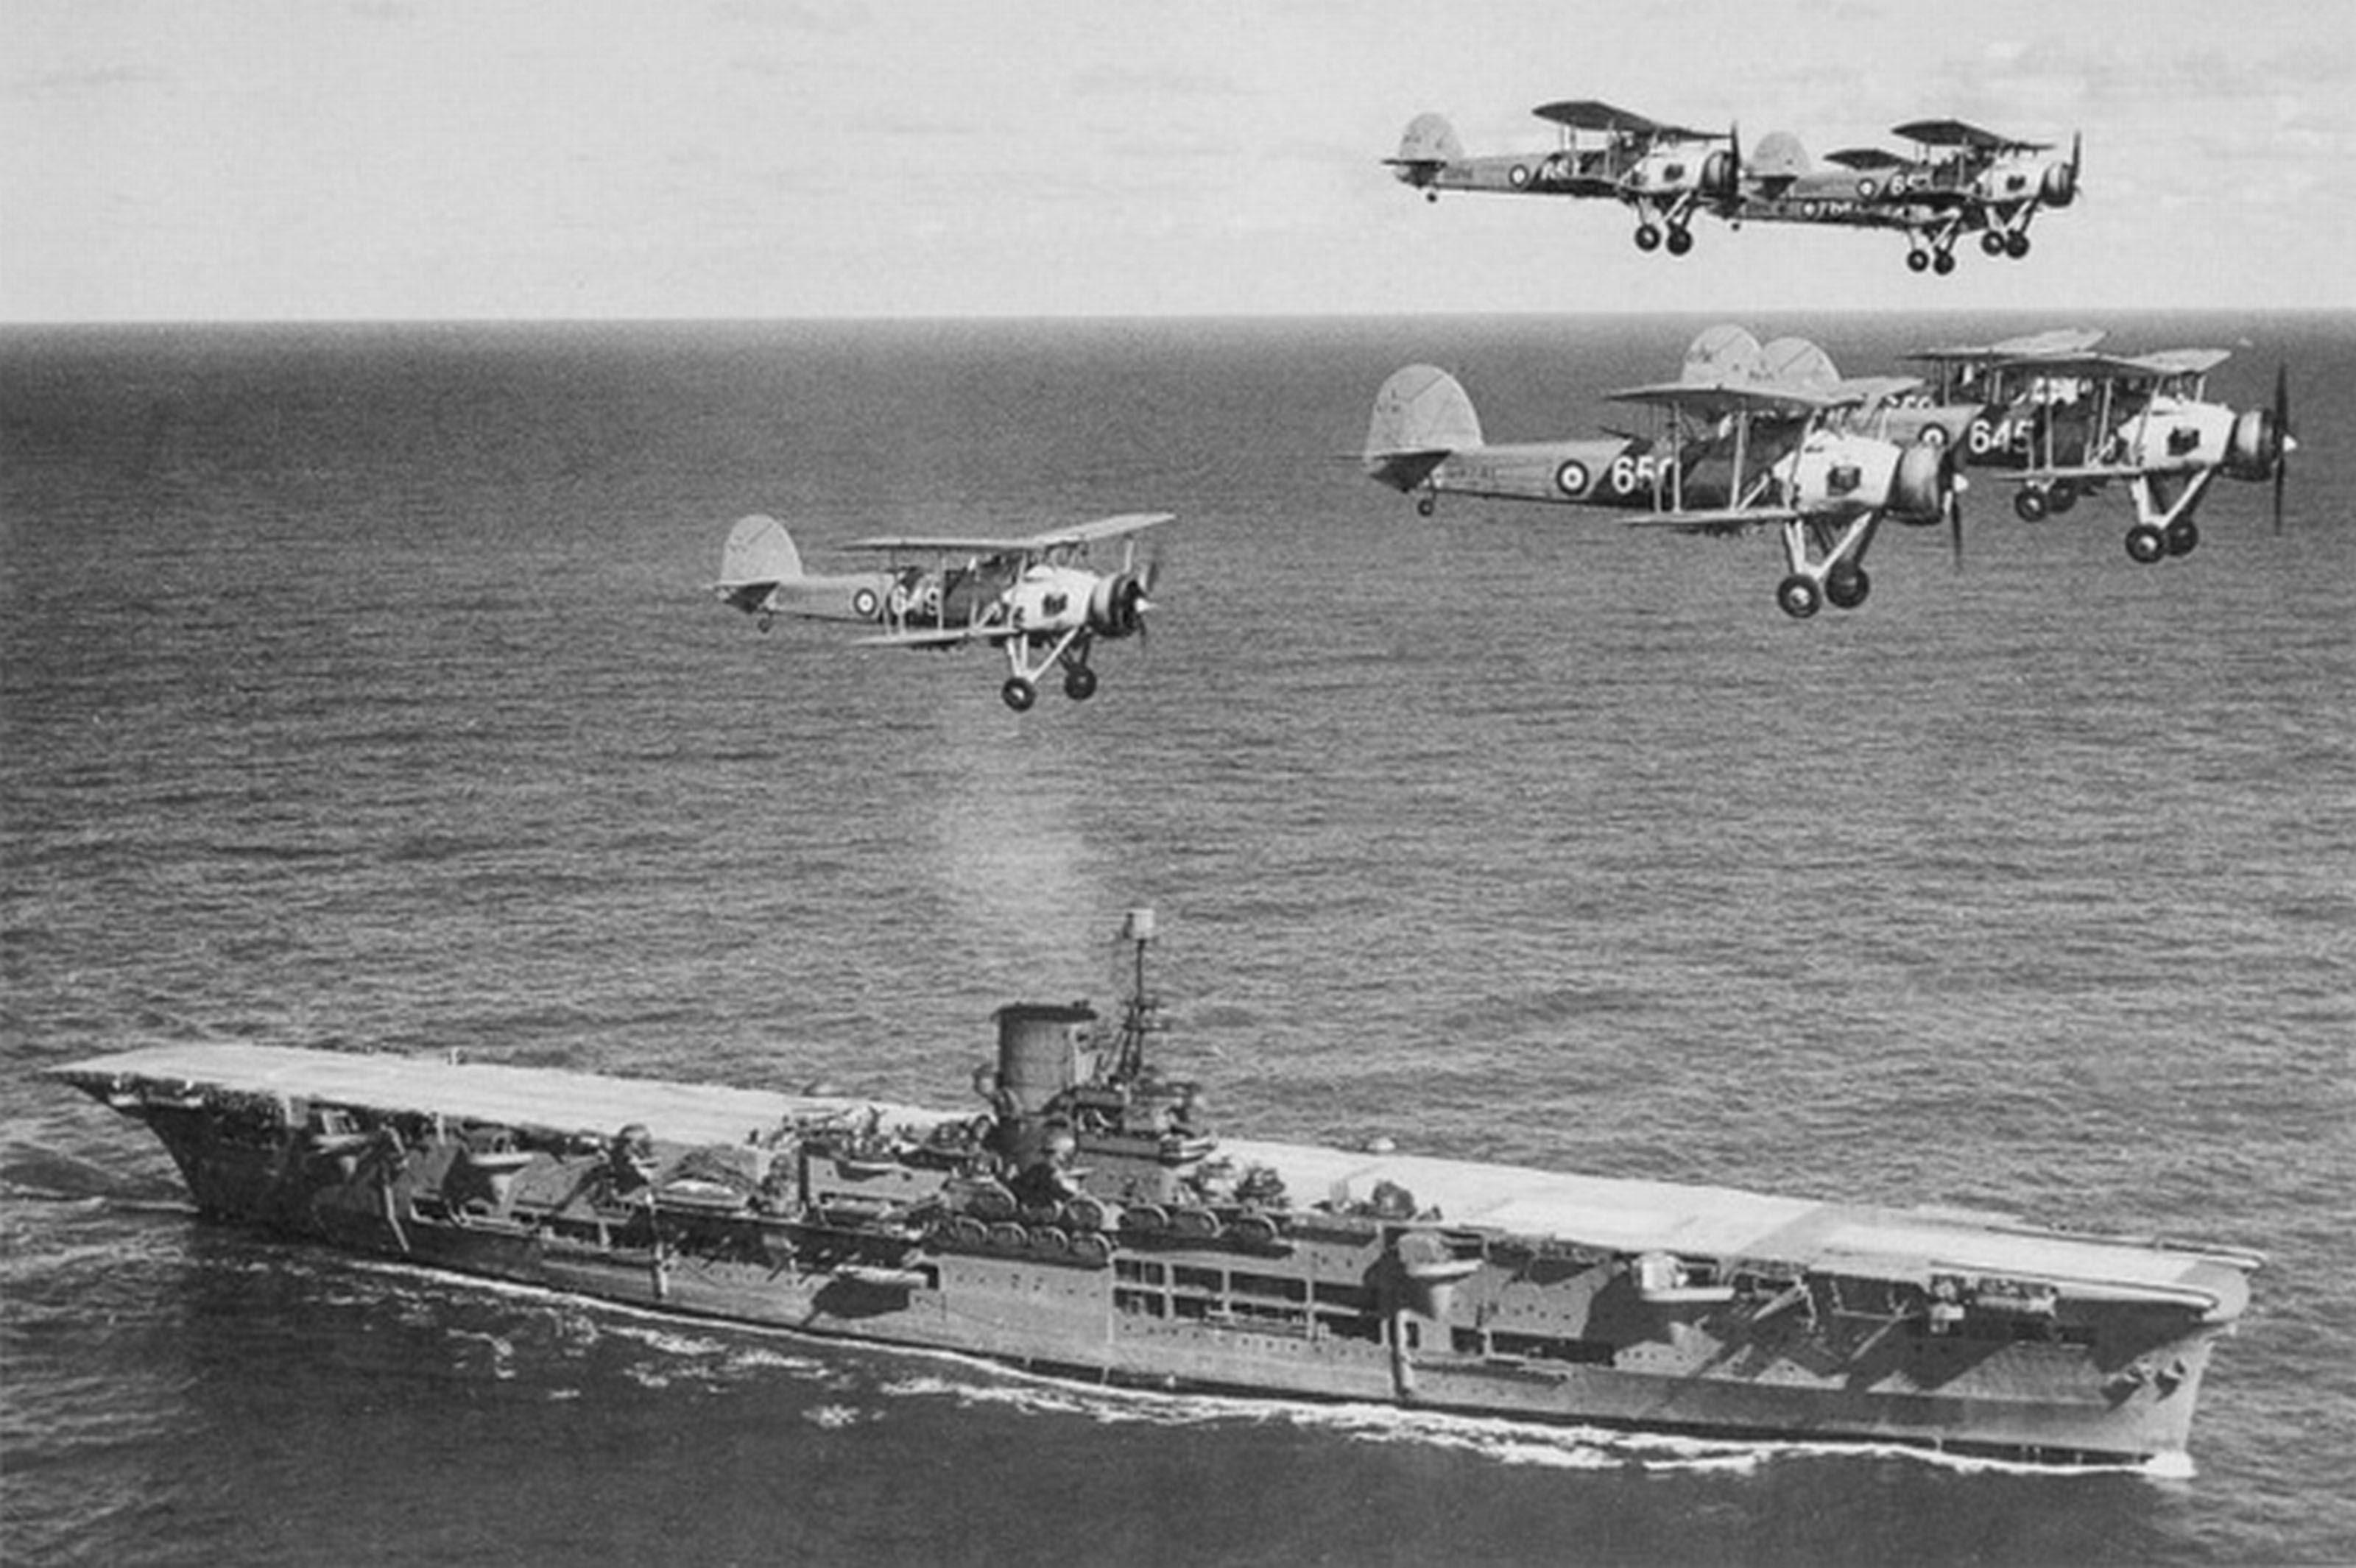 File:HMS Ark Royal h85716.jpg